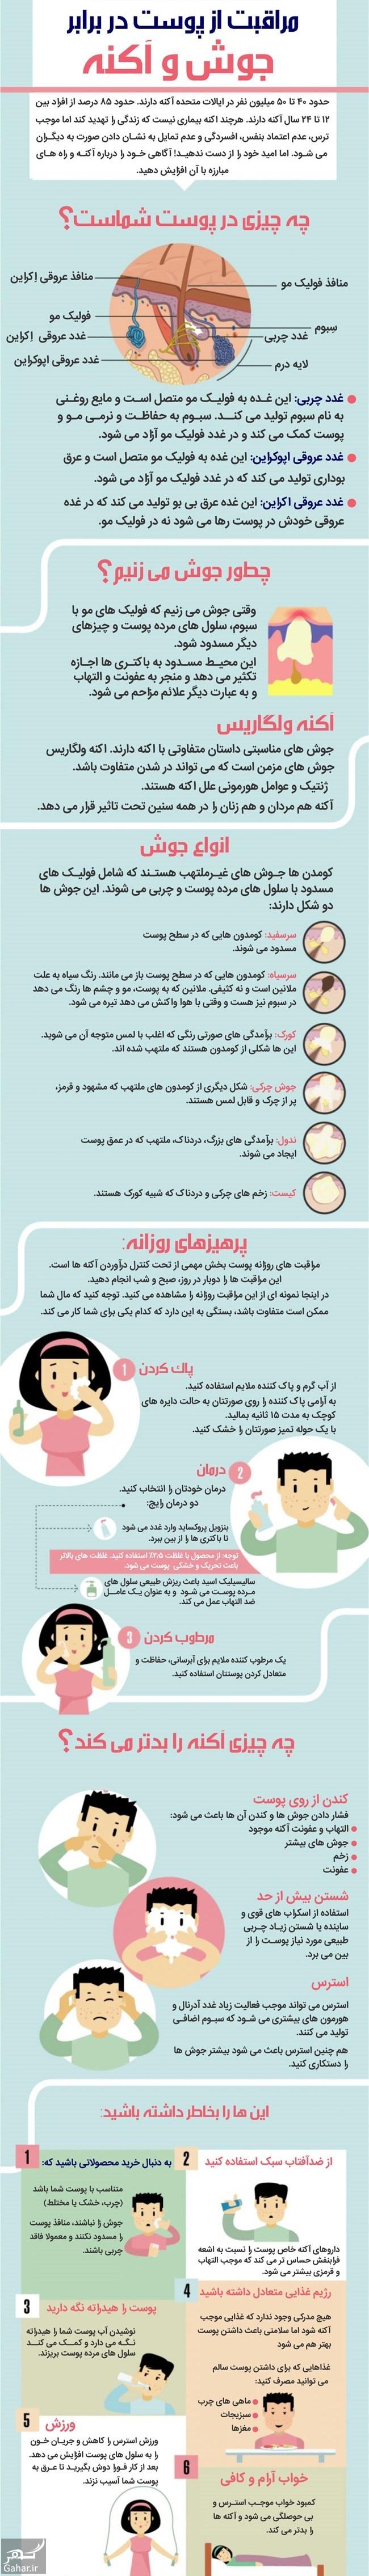 679237 Gahar ir سریعترین درمان جوش صورت + اینفوگرافی